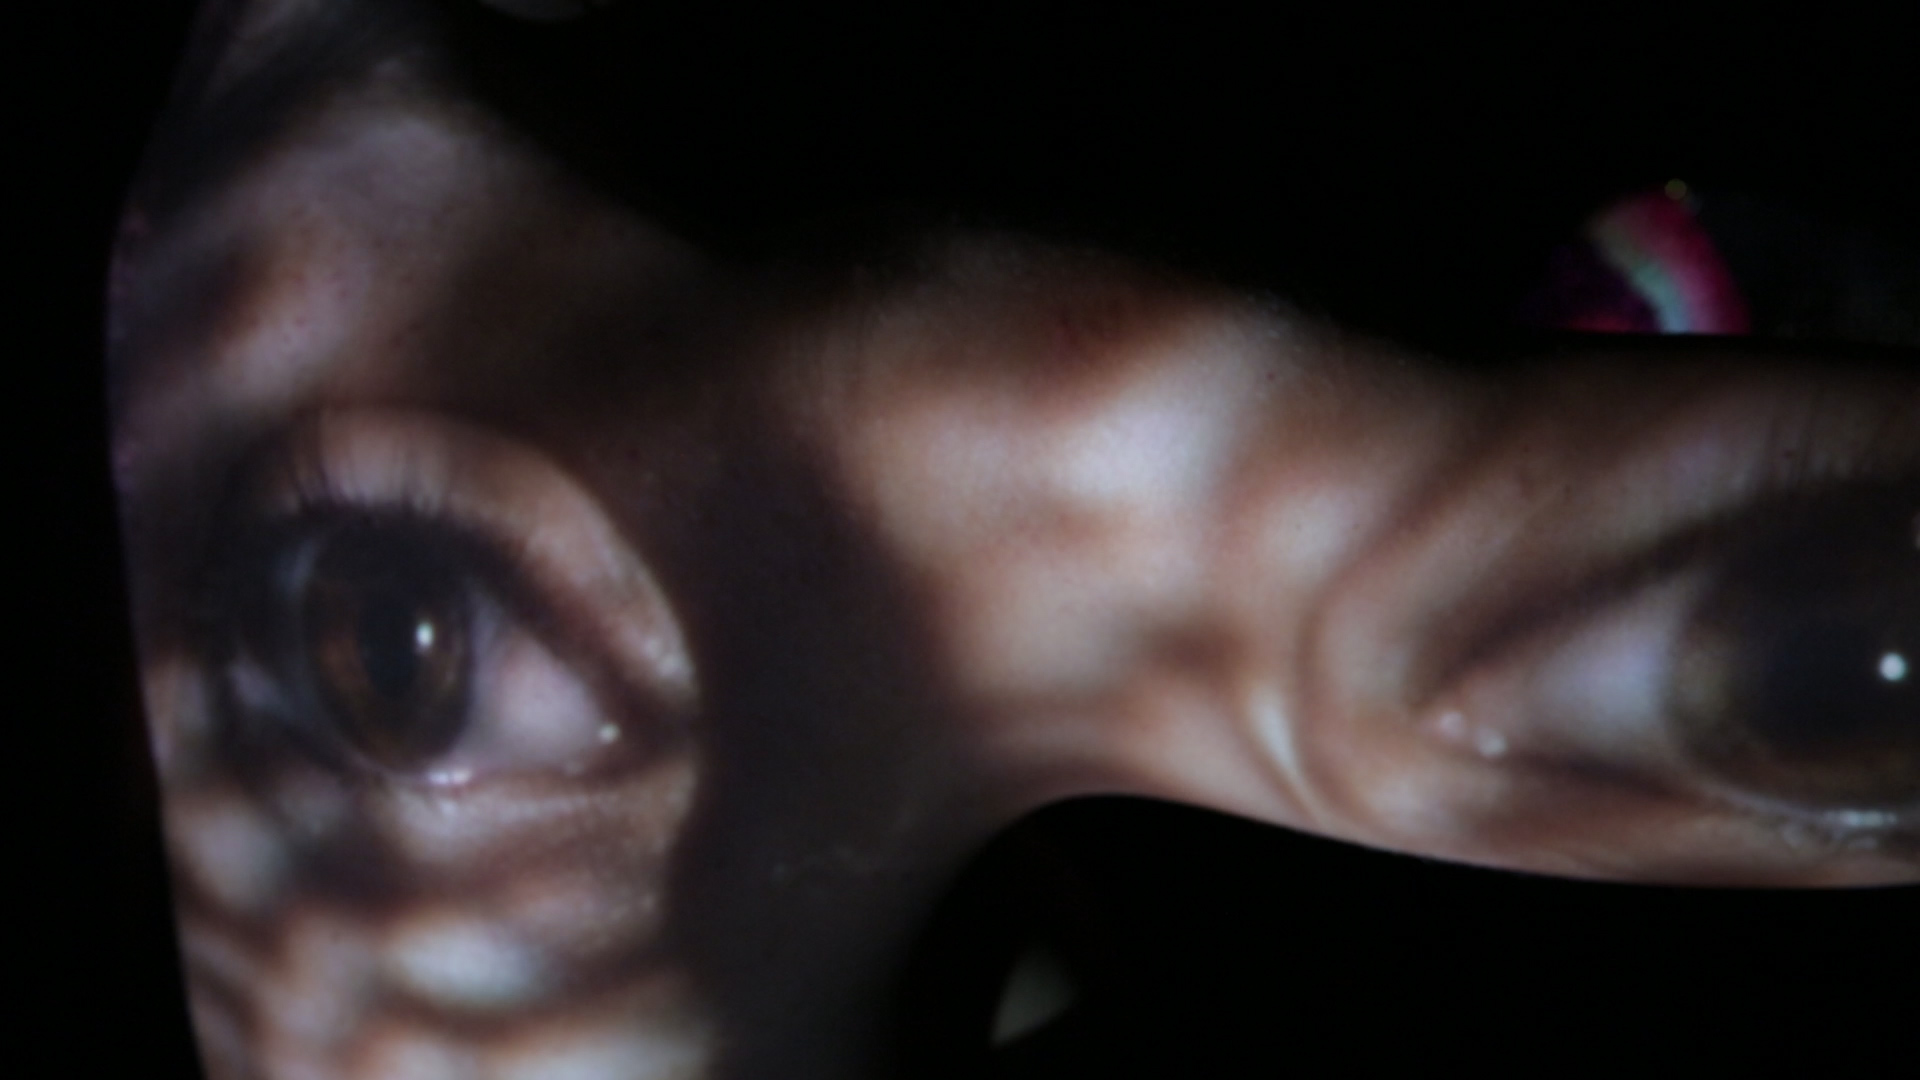 olek_eyes on arms.jpg